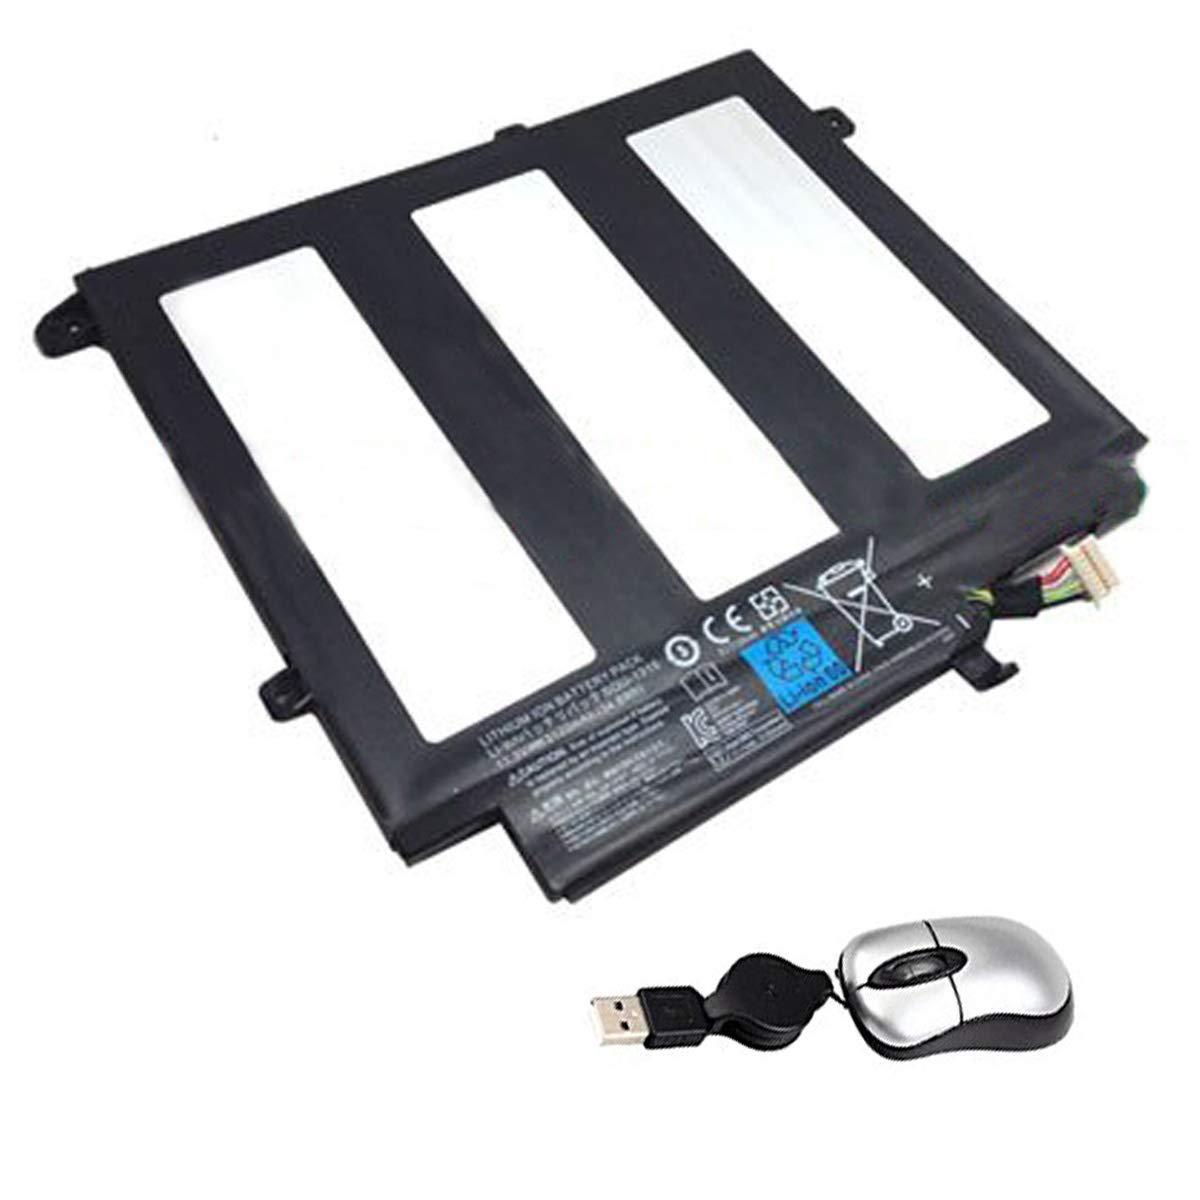 Amsahr SQU-1315-05 - Batería de de Batería reemplazo para Fujitsu SQU-1315, SQU-1315 (Incluye Mini ratón óptico) Color Gris dd26b2